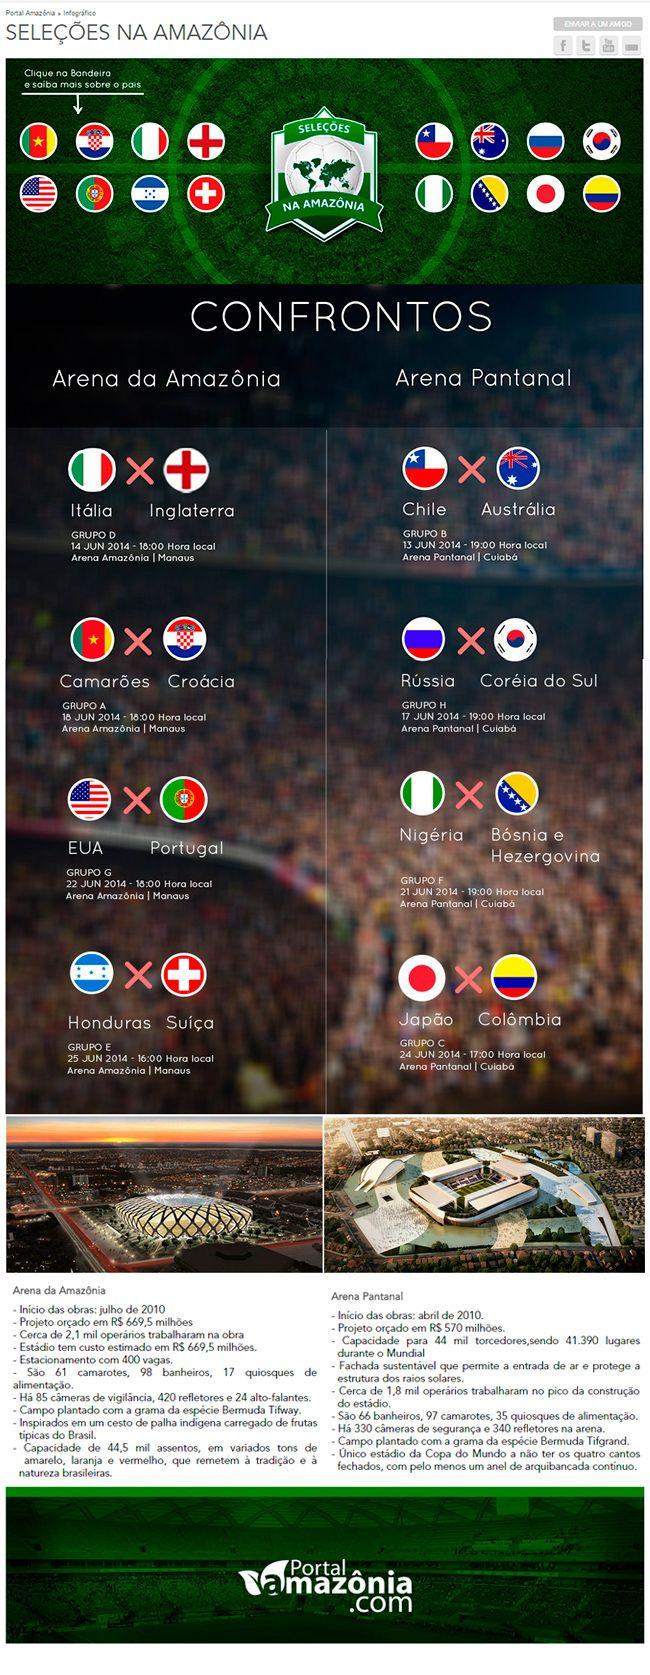 Página Web dos Infográficos das seleções na Amazônia